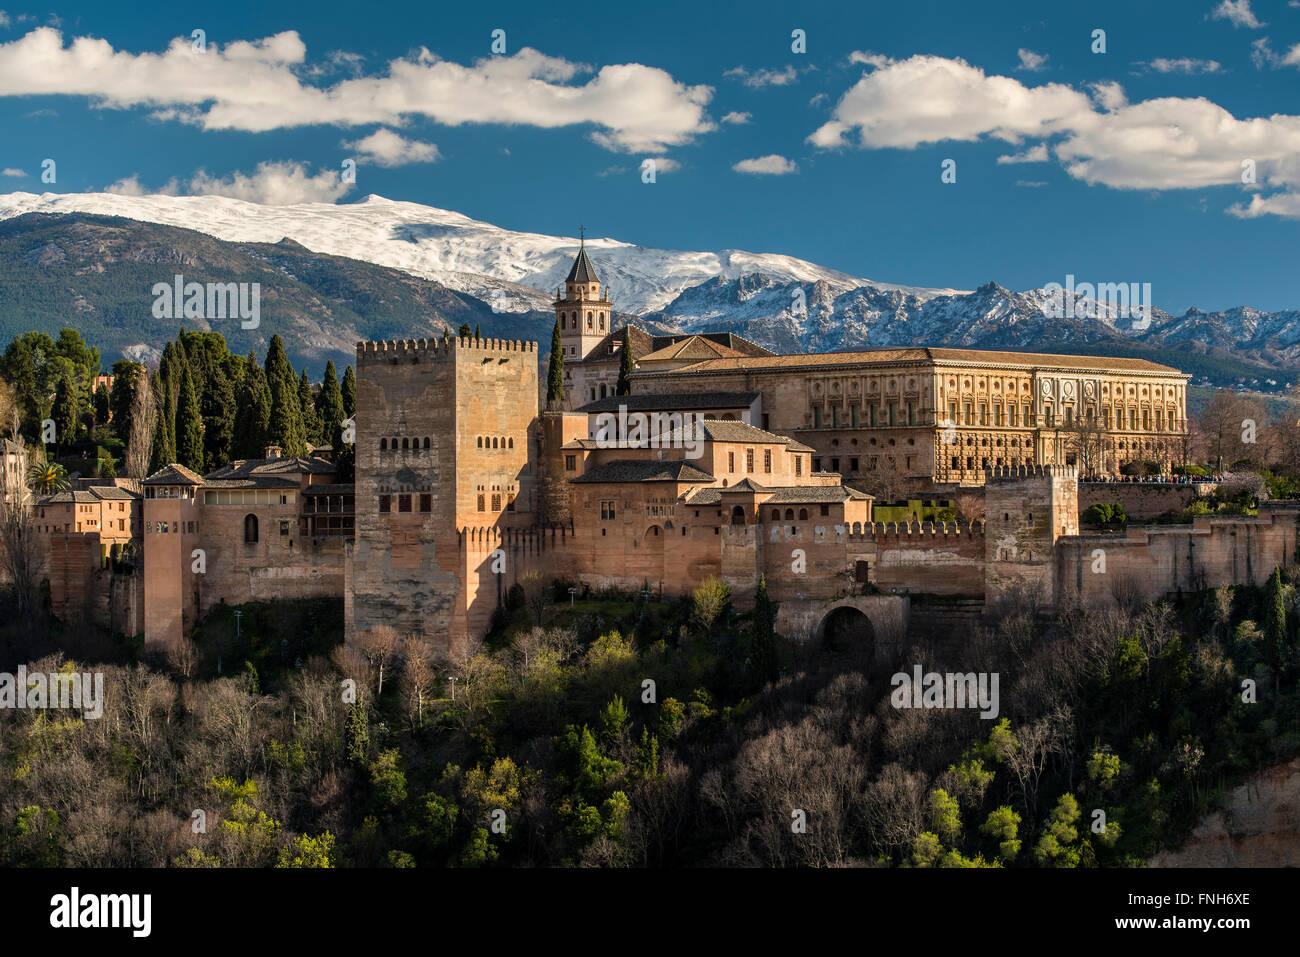 Palacio de la Alhambra con los nevados de Sierra Nevada en el fondo, Granada, Andalucía, España Imagen De Stock